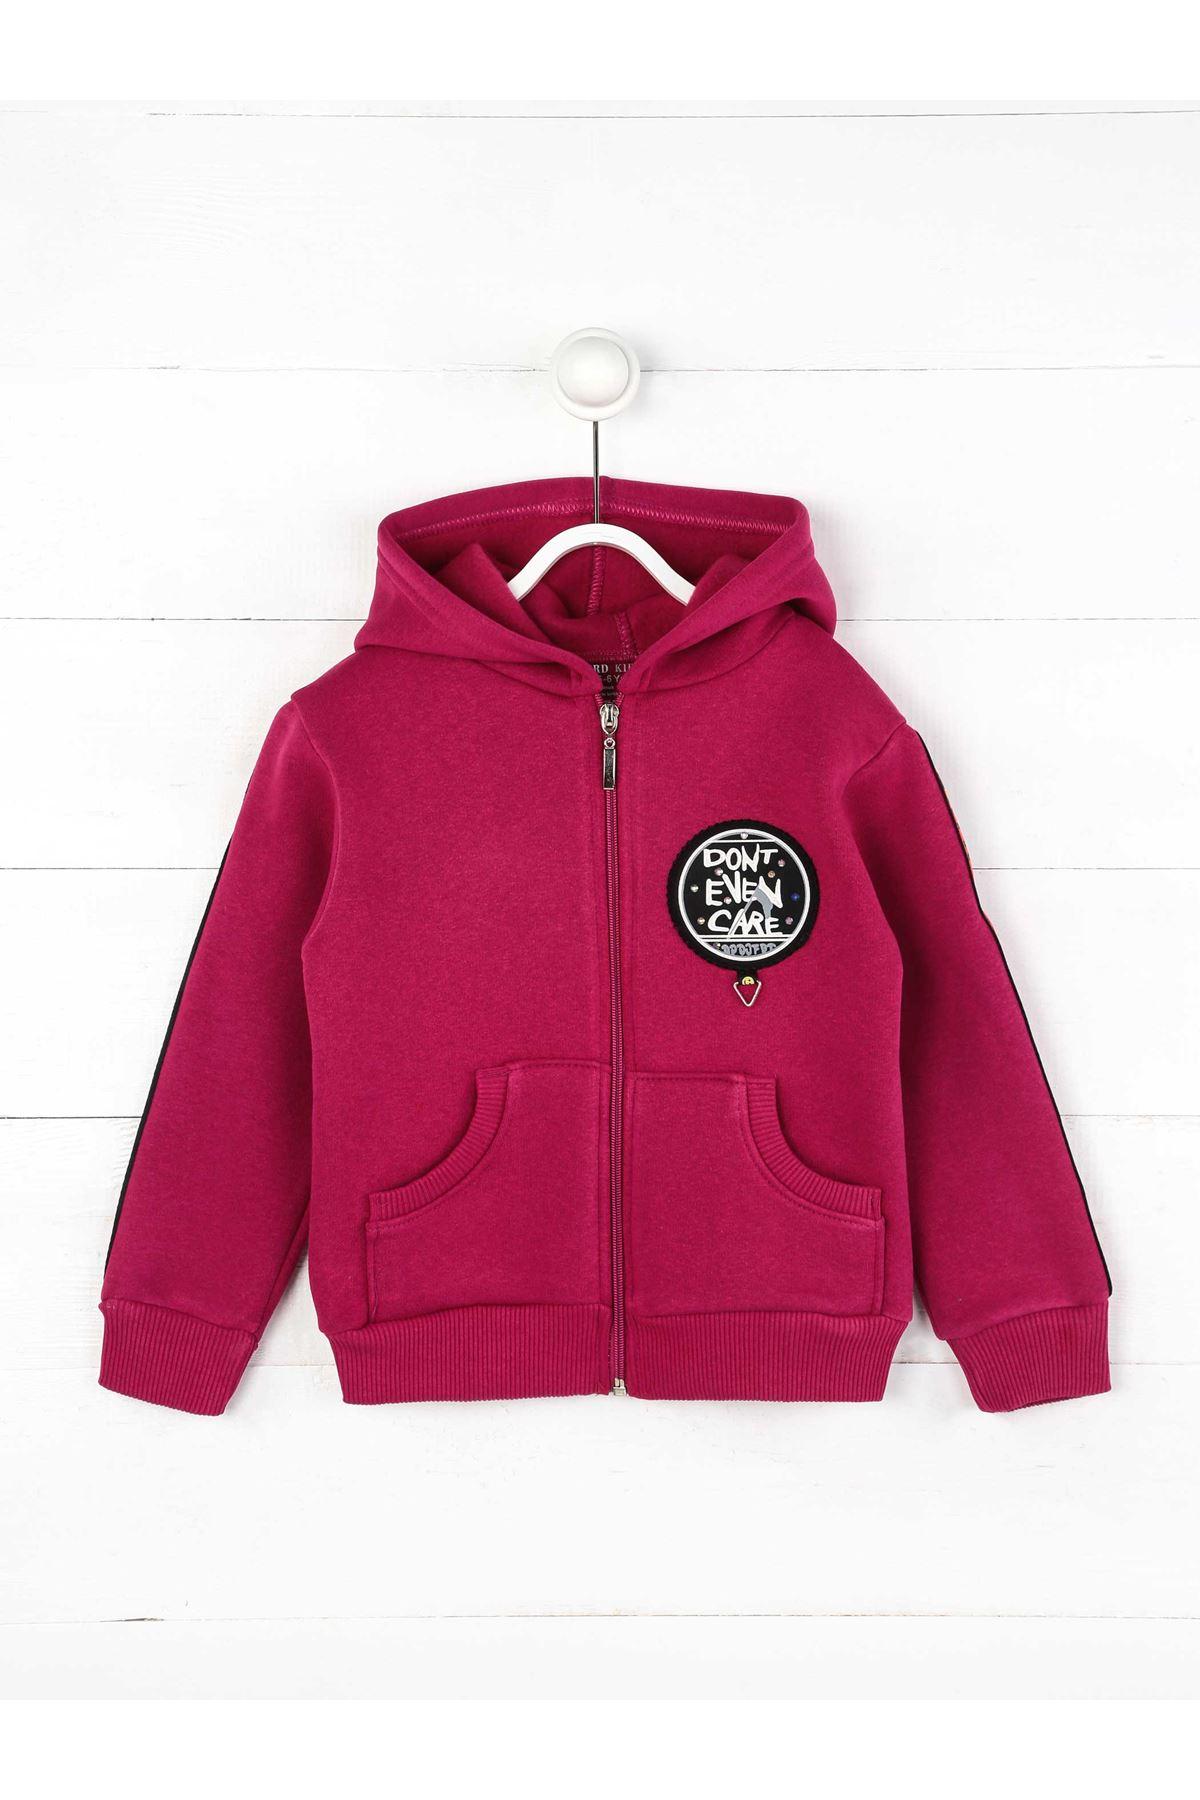 Mor Kışlık Kapüşonlu Kız Çocuk Ceket